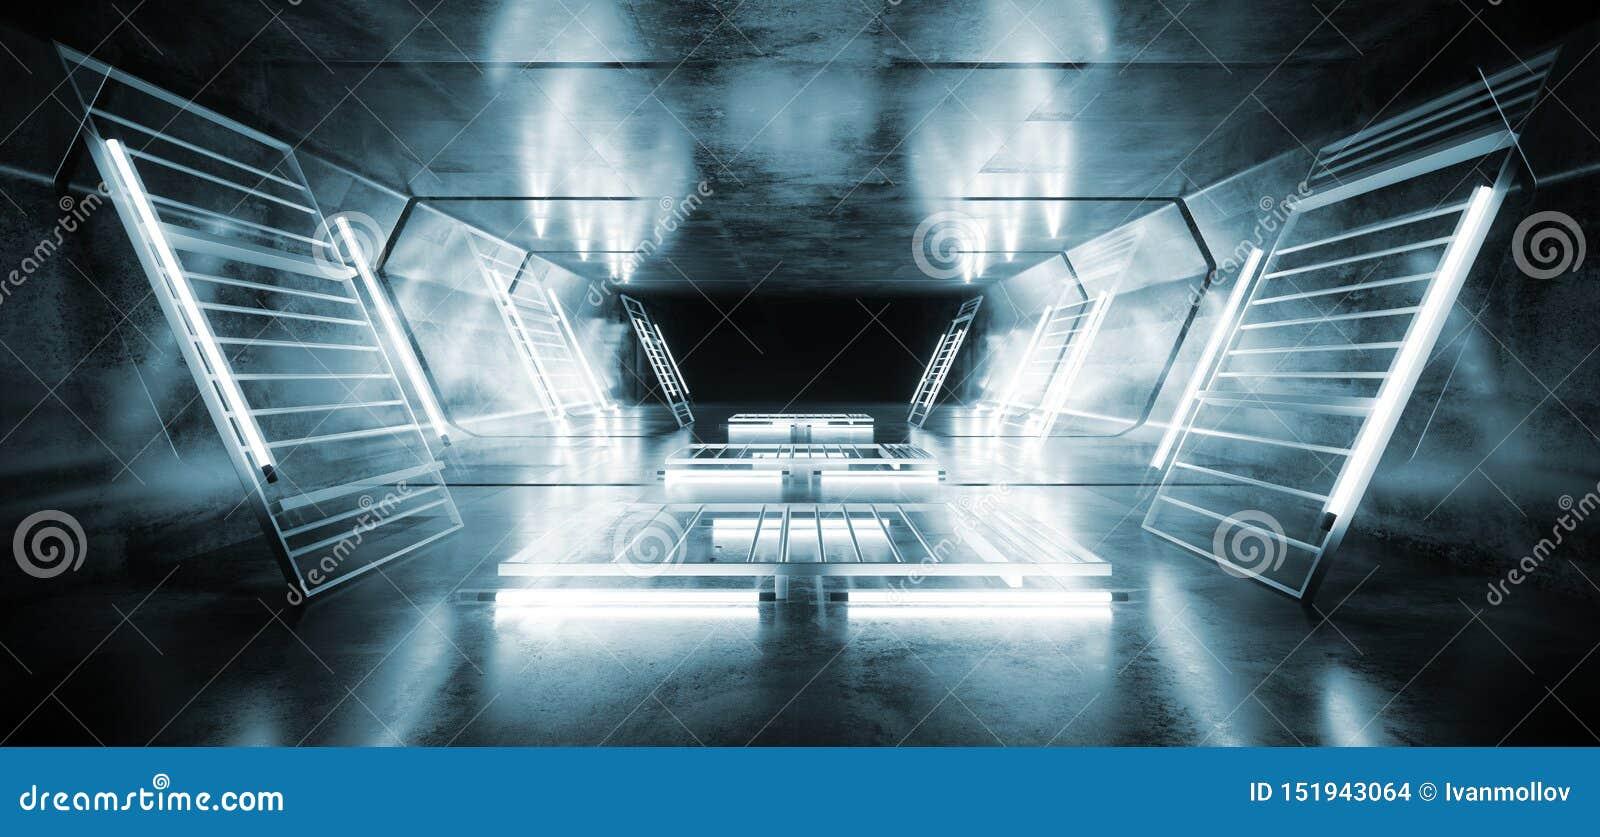 Túnel concreto cinemático del Grunge reflexivo de Mesh Spaceship Virtual White Blue del metal futurista de la construcción de Sci